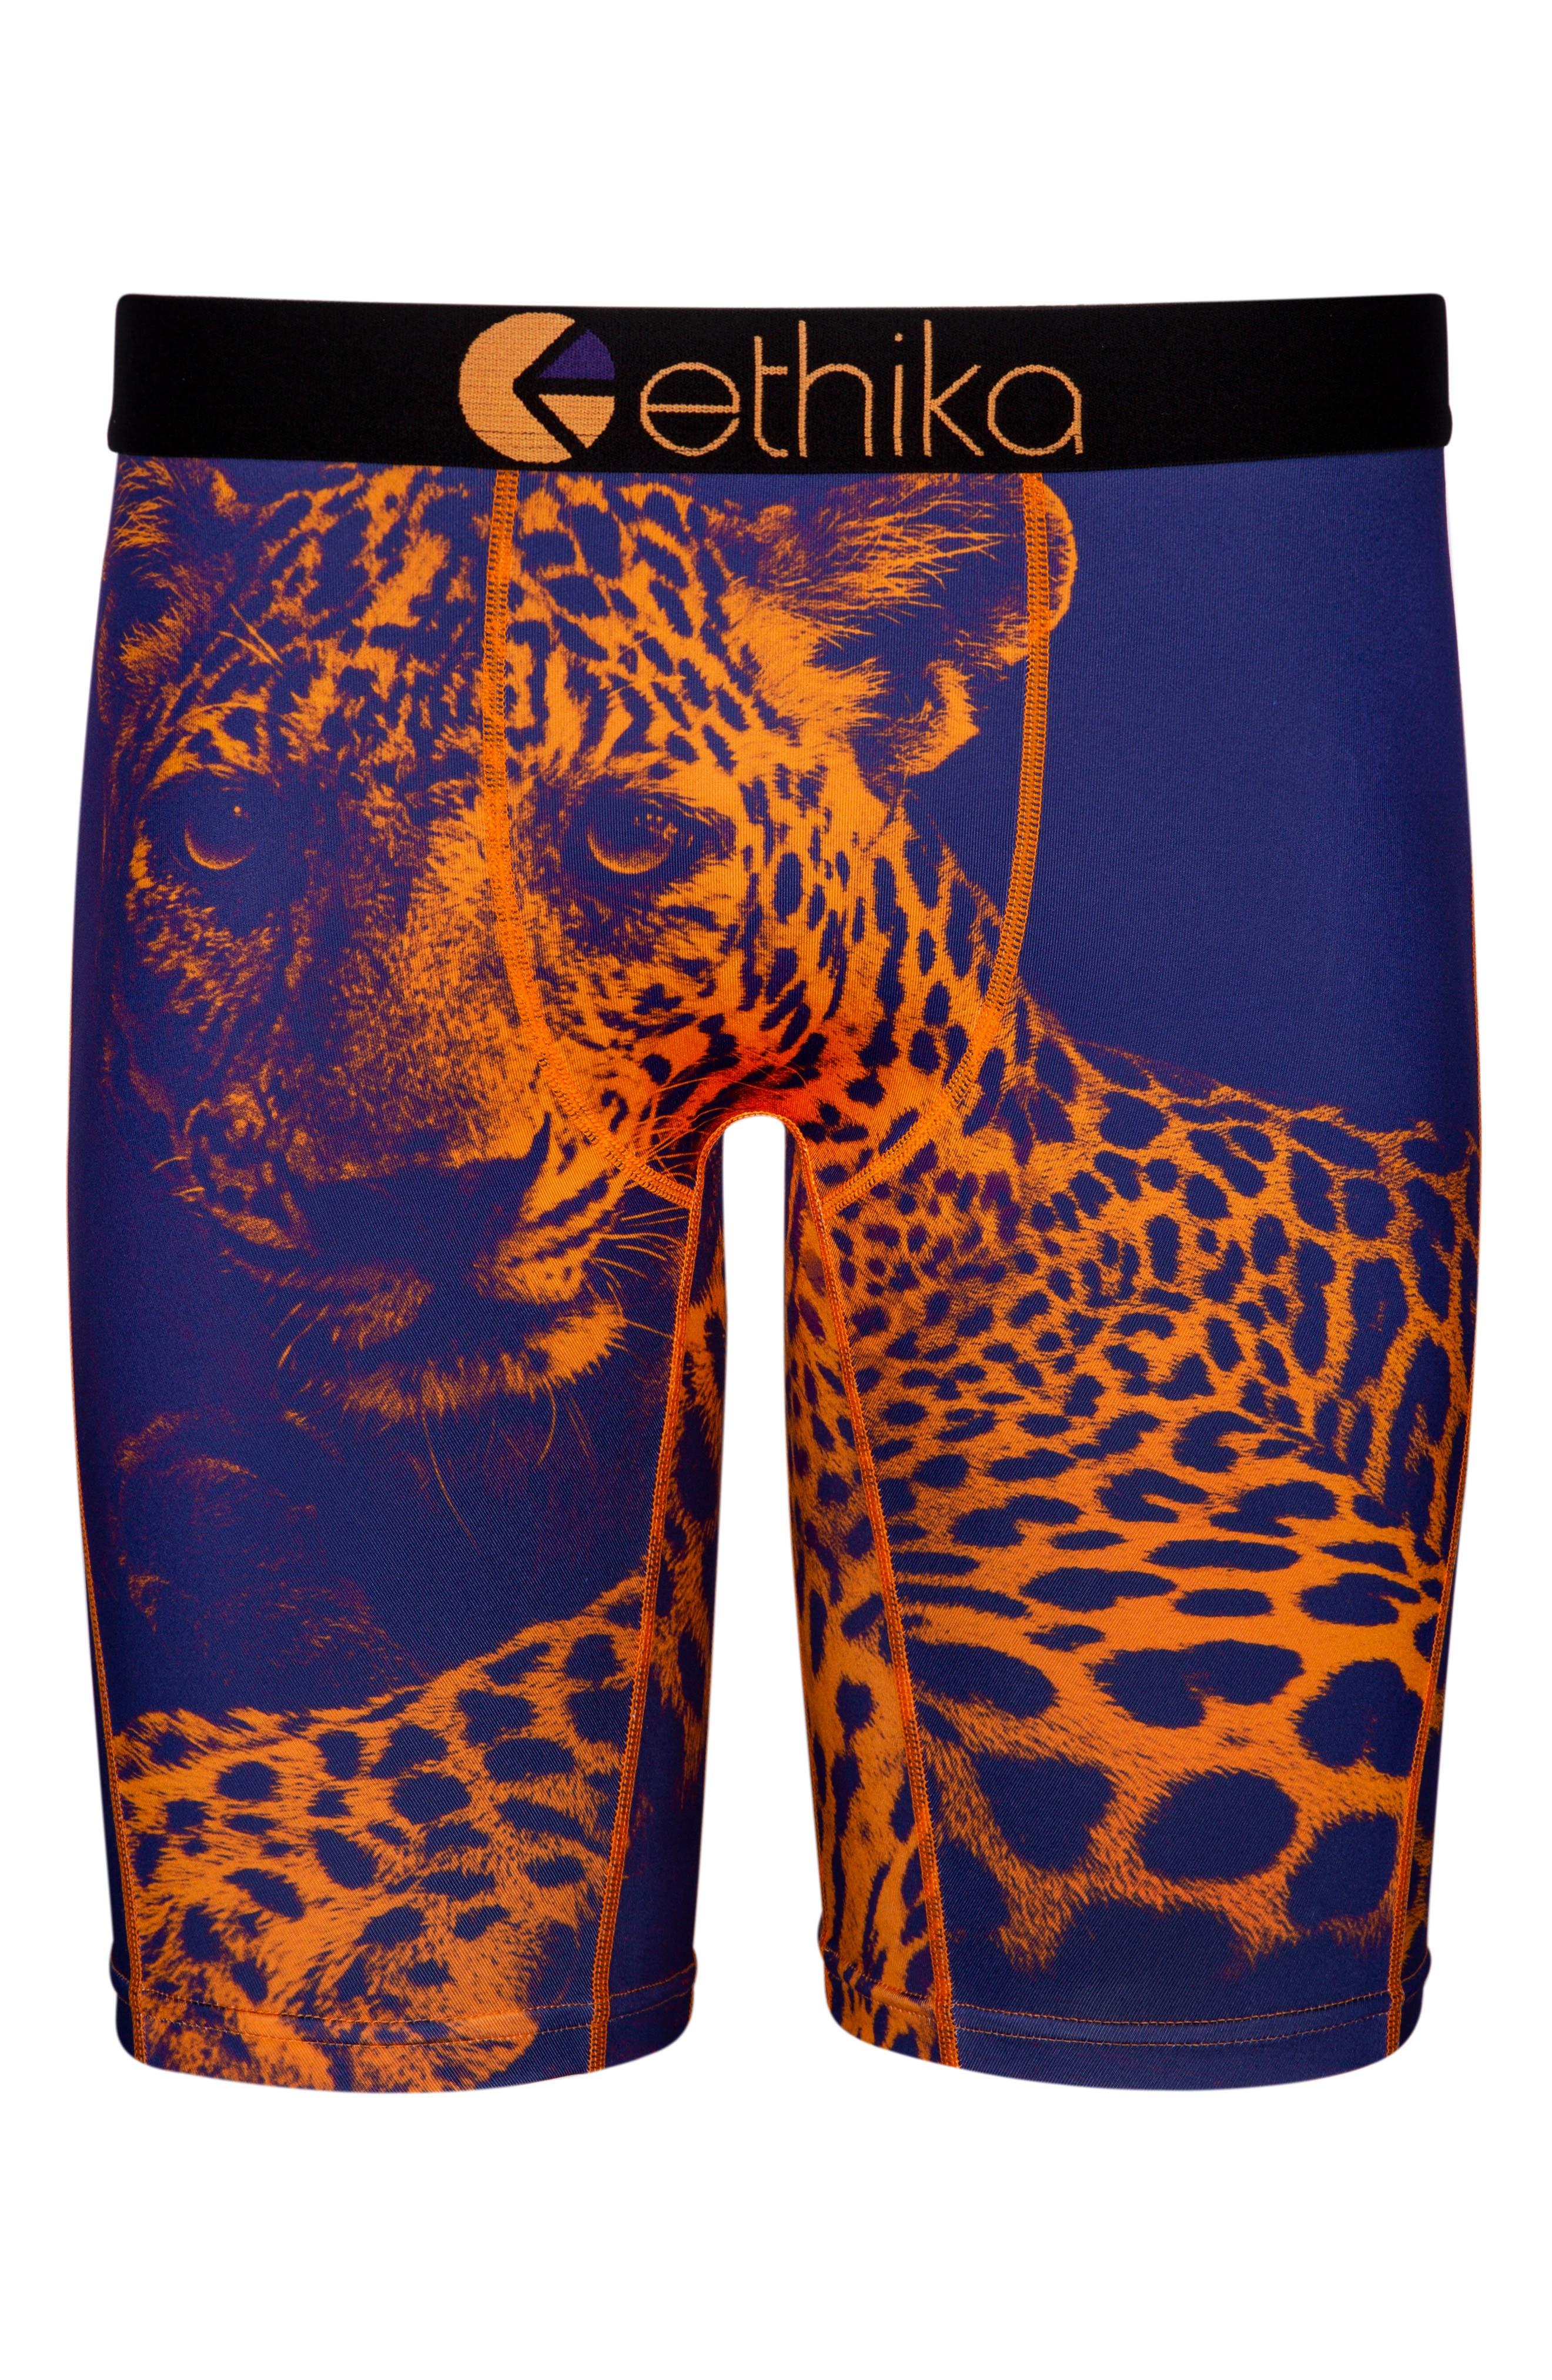 Bronze Leopard Boxer Briefs,                             Main thumbnail 1, color,                             800